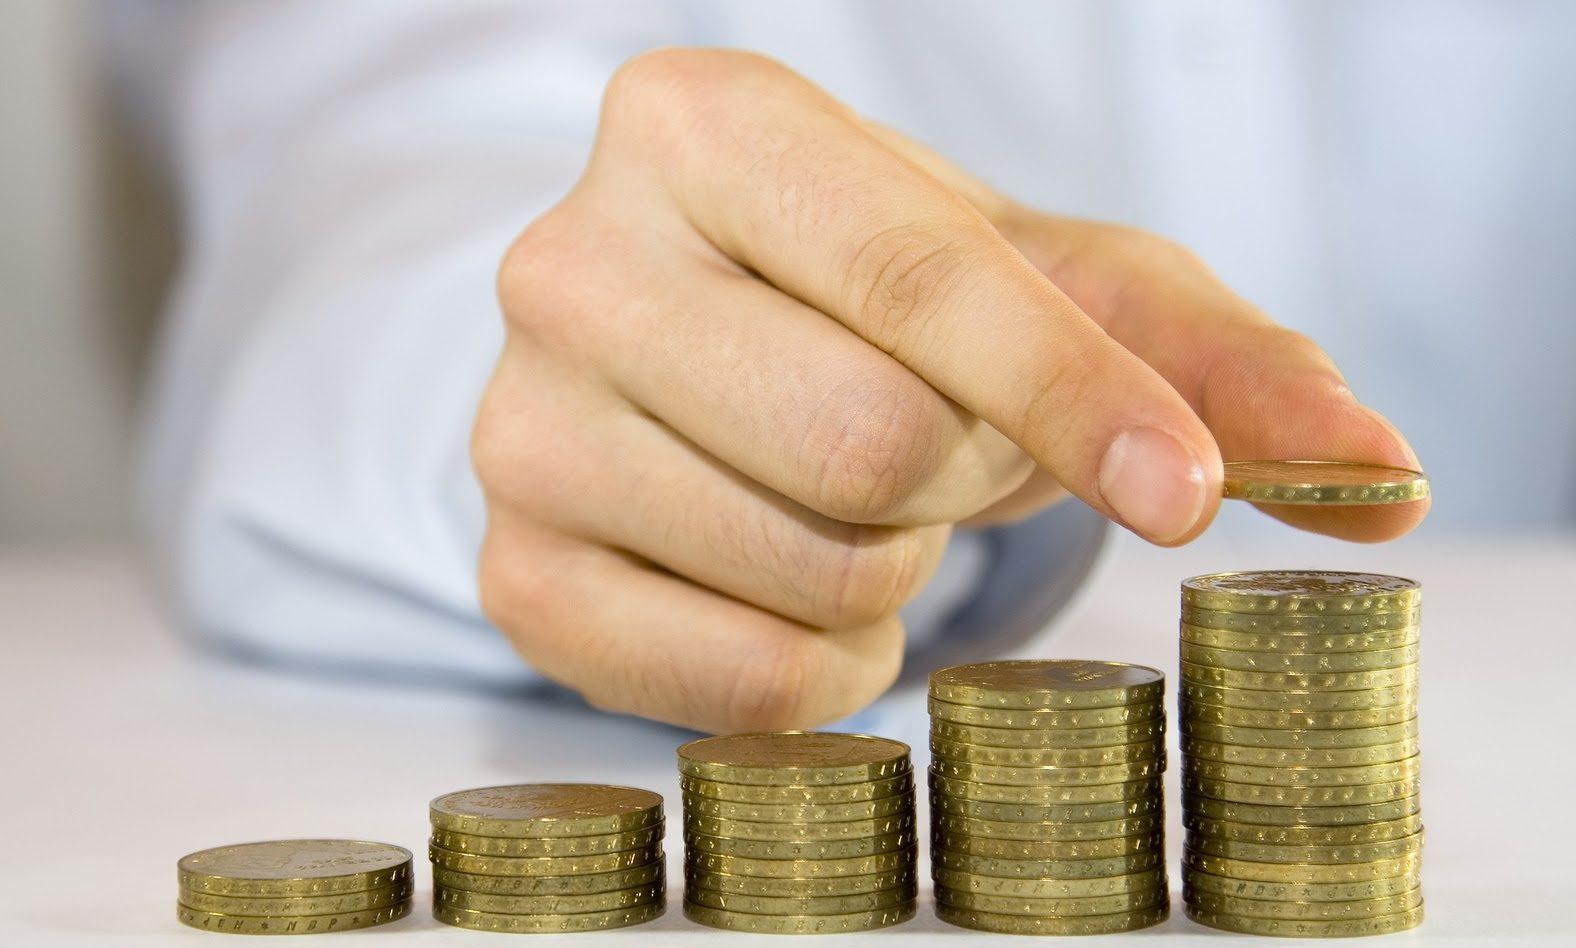 fizető, hogyan lehet pénzt keresni)